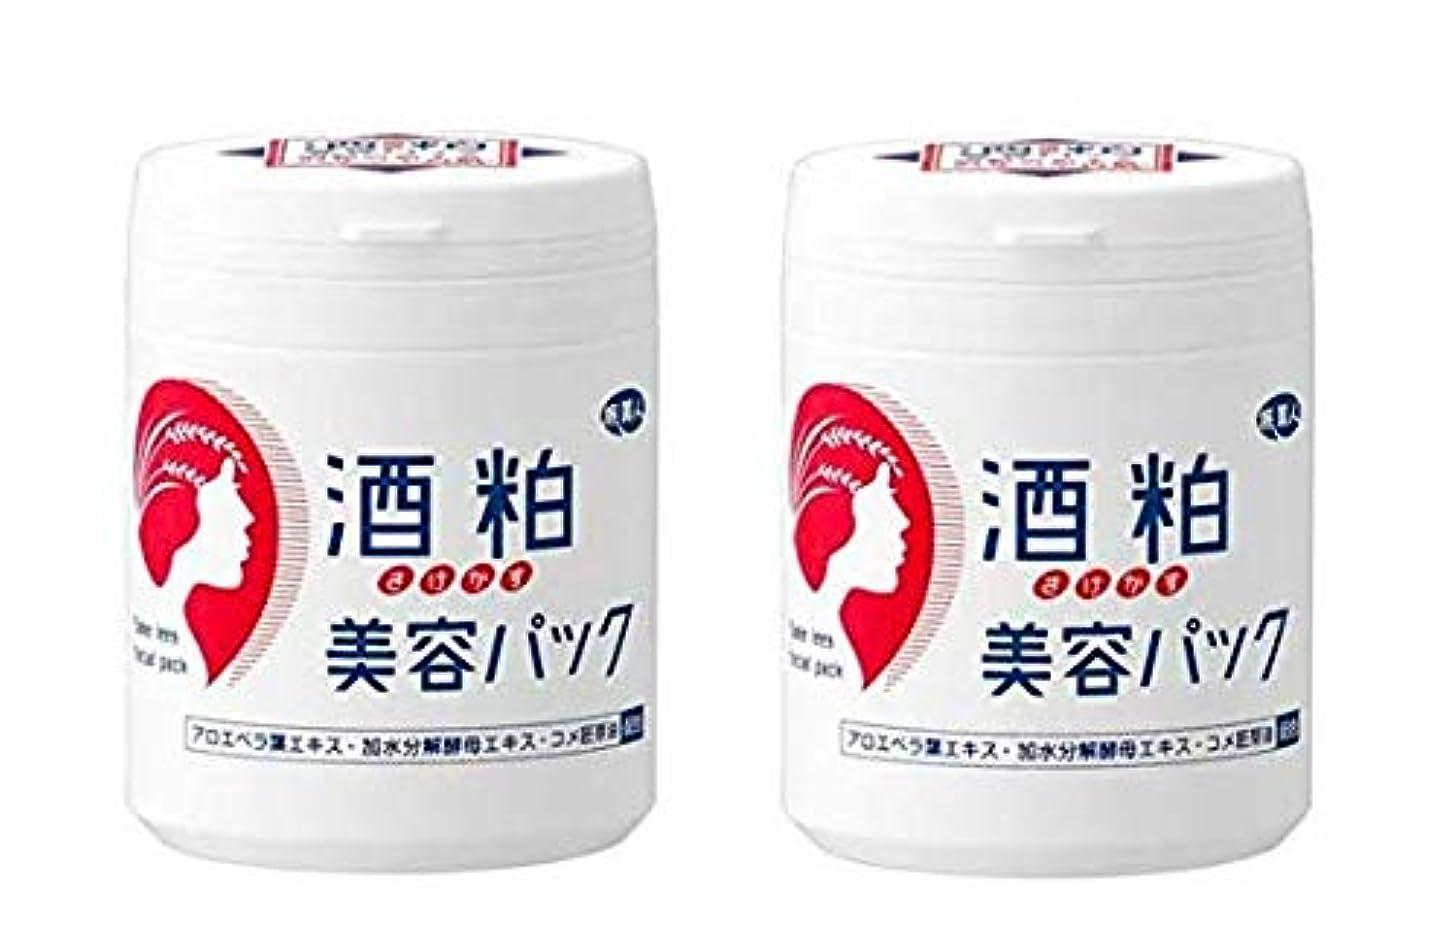 振動するラビリンス薬を飲むアズマ商事の旅美人 酒粕美容パック 200g 2個セット 旅美人/塗って洗い流すだけの簡単ケア